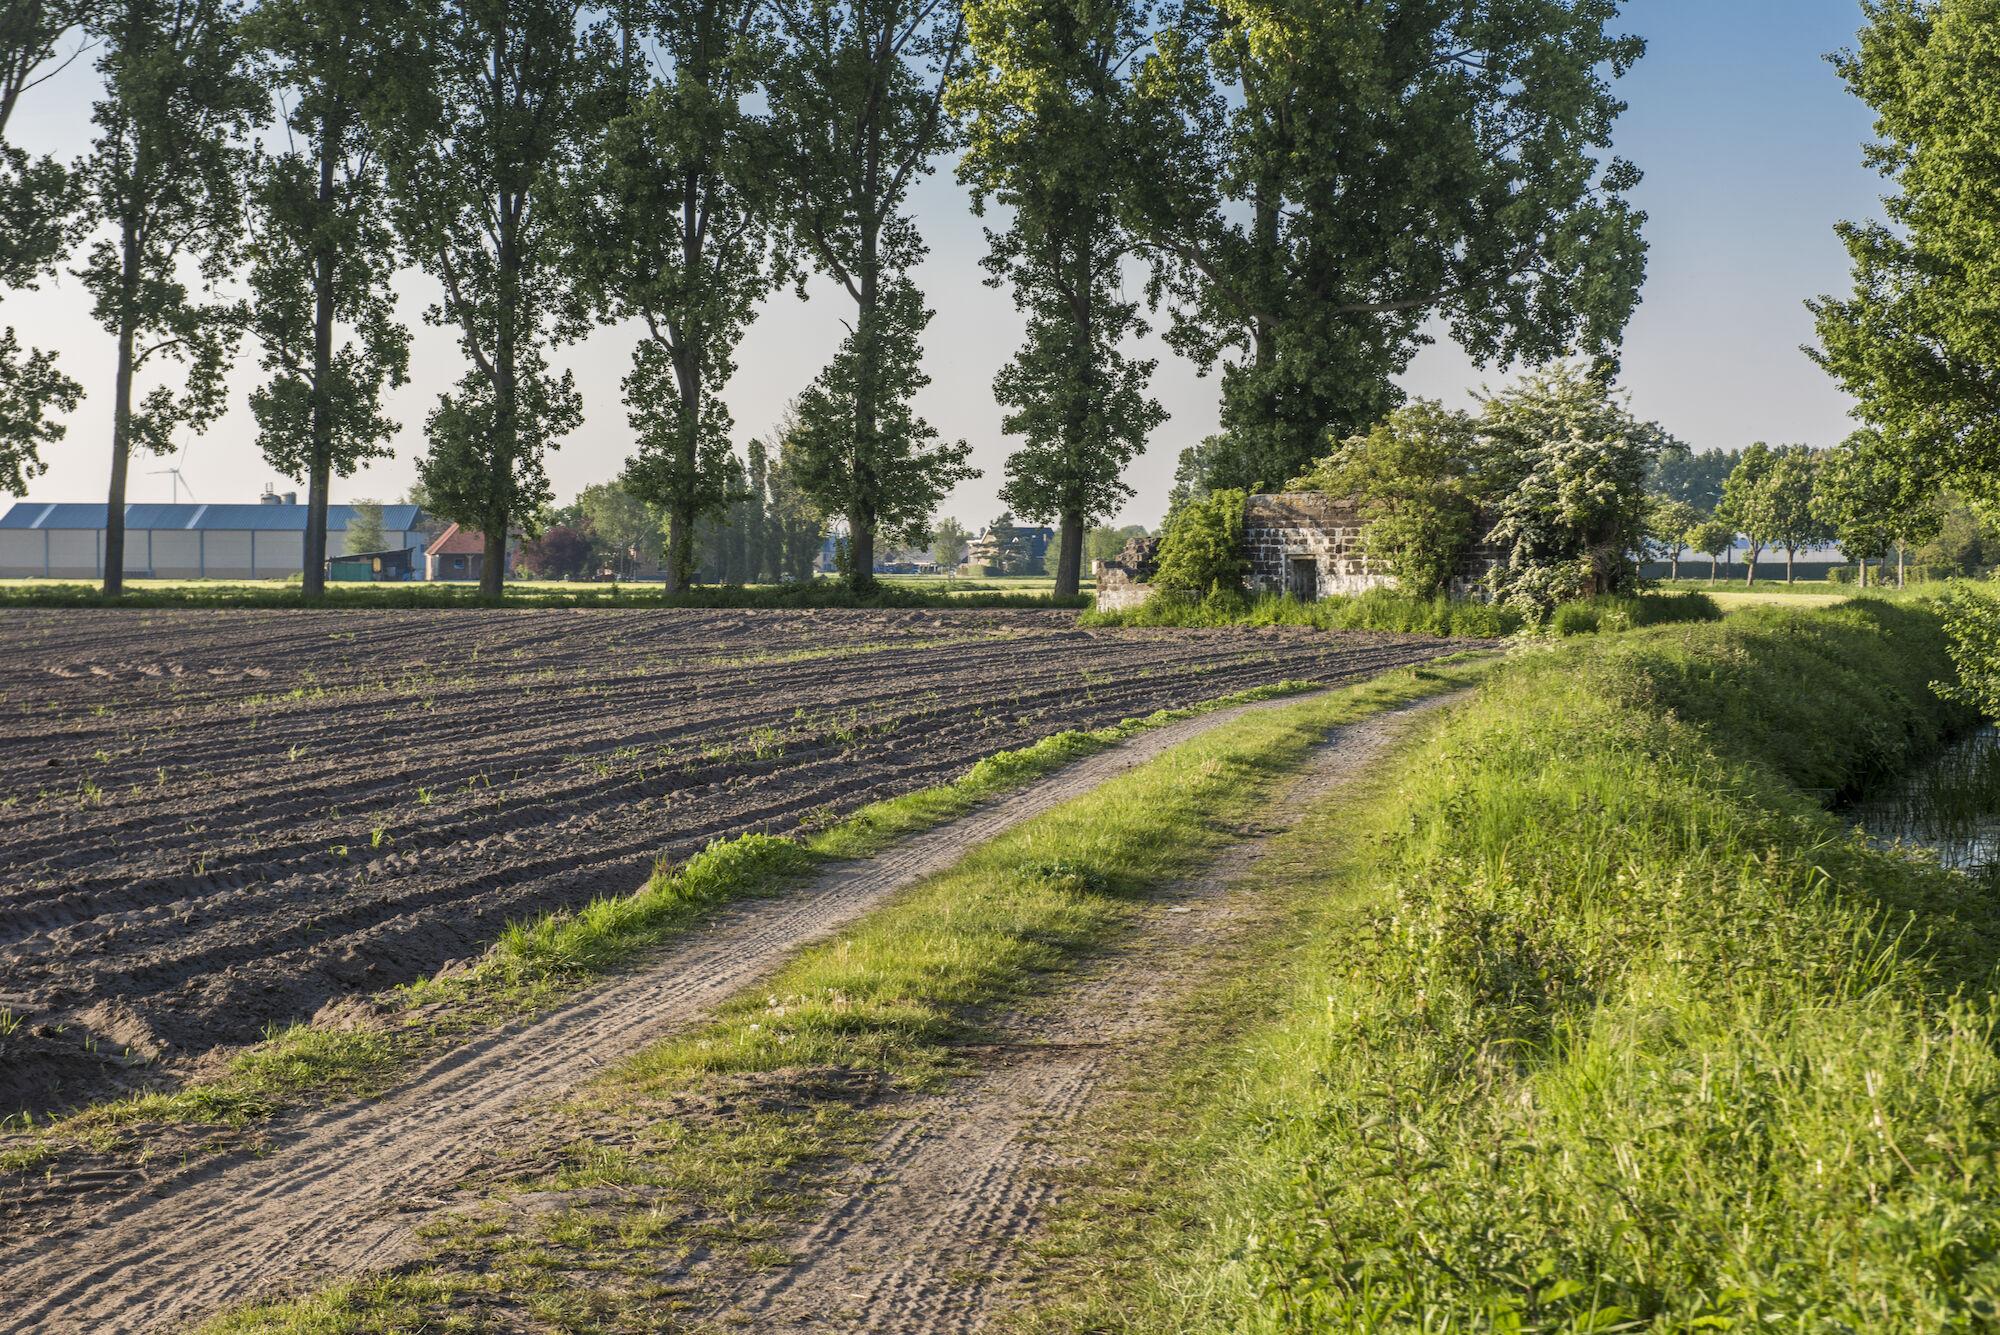 170510 bunkers Hollandstellung 00027.jpg